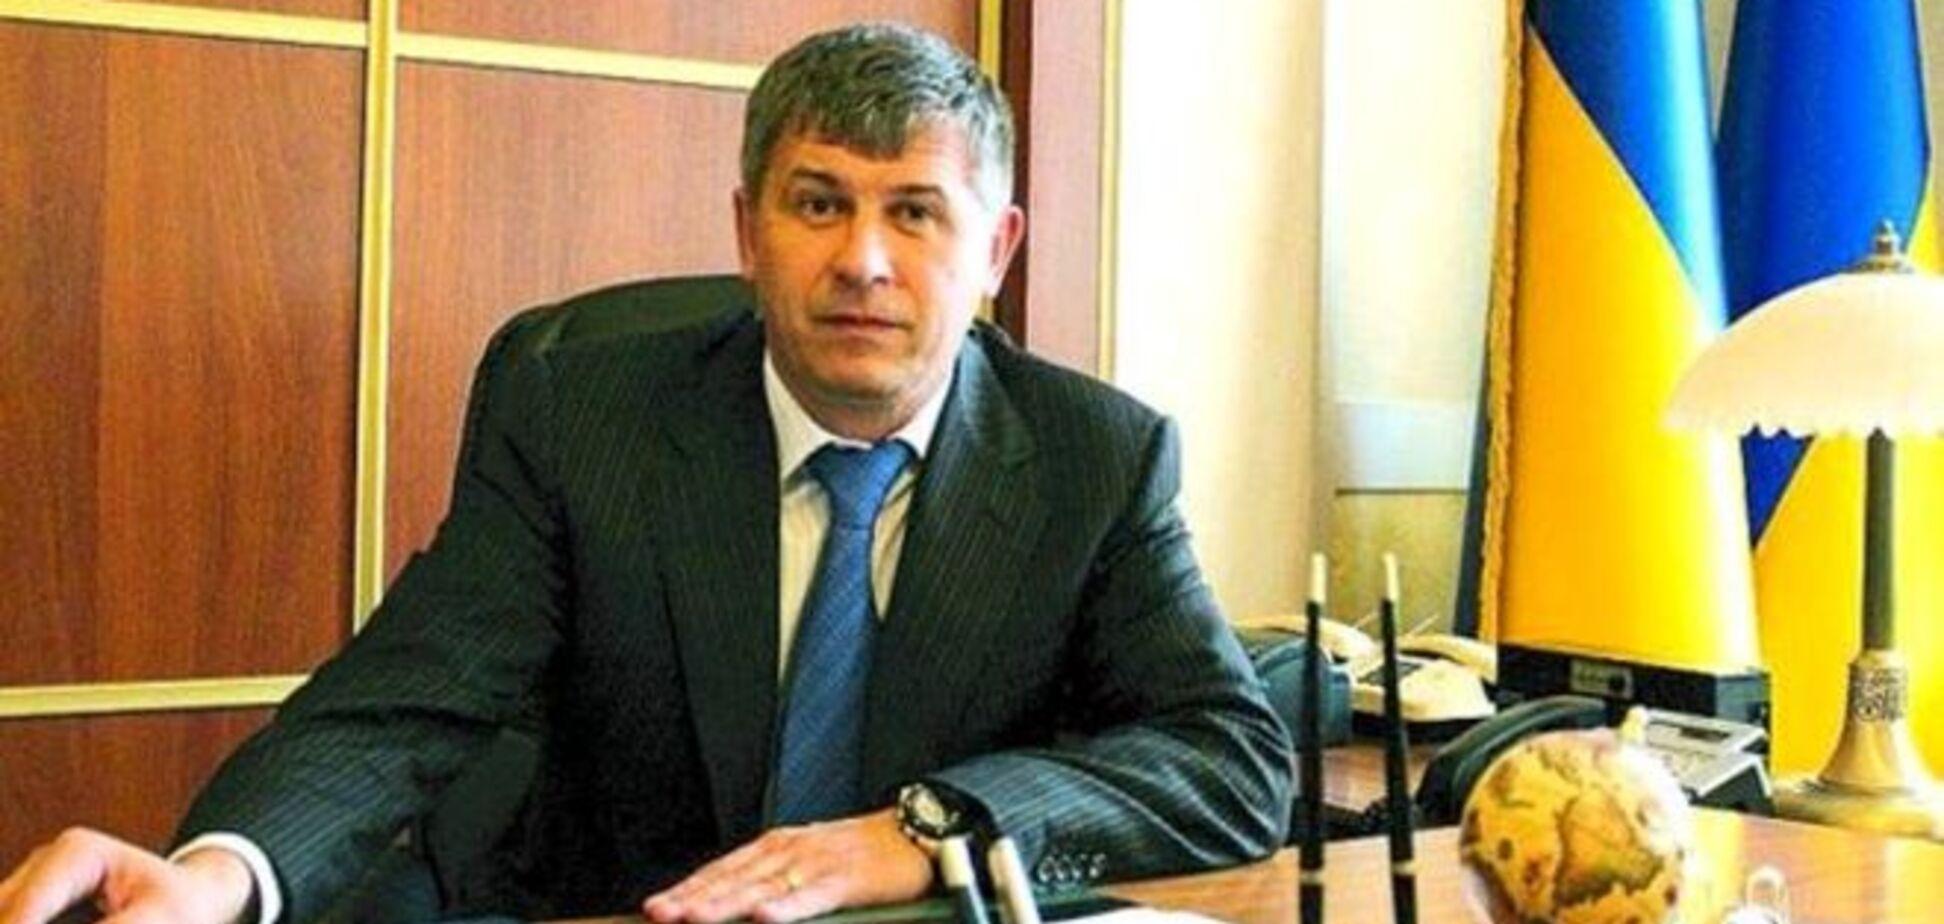 Хто замахнувся на 'Правий сектор' в Мукачеві: важливі факти про Михайла Ланьо